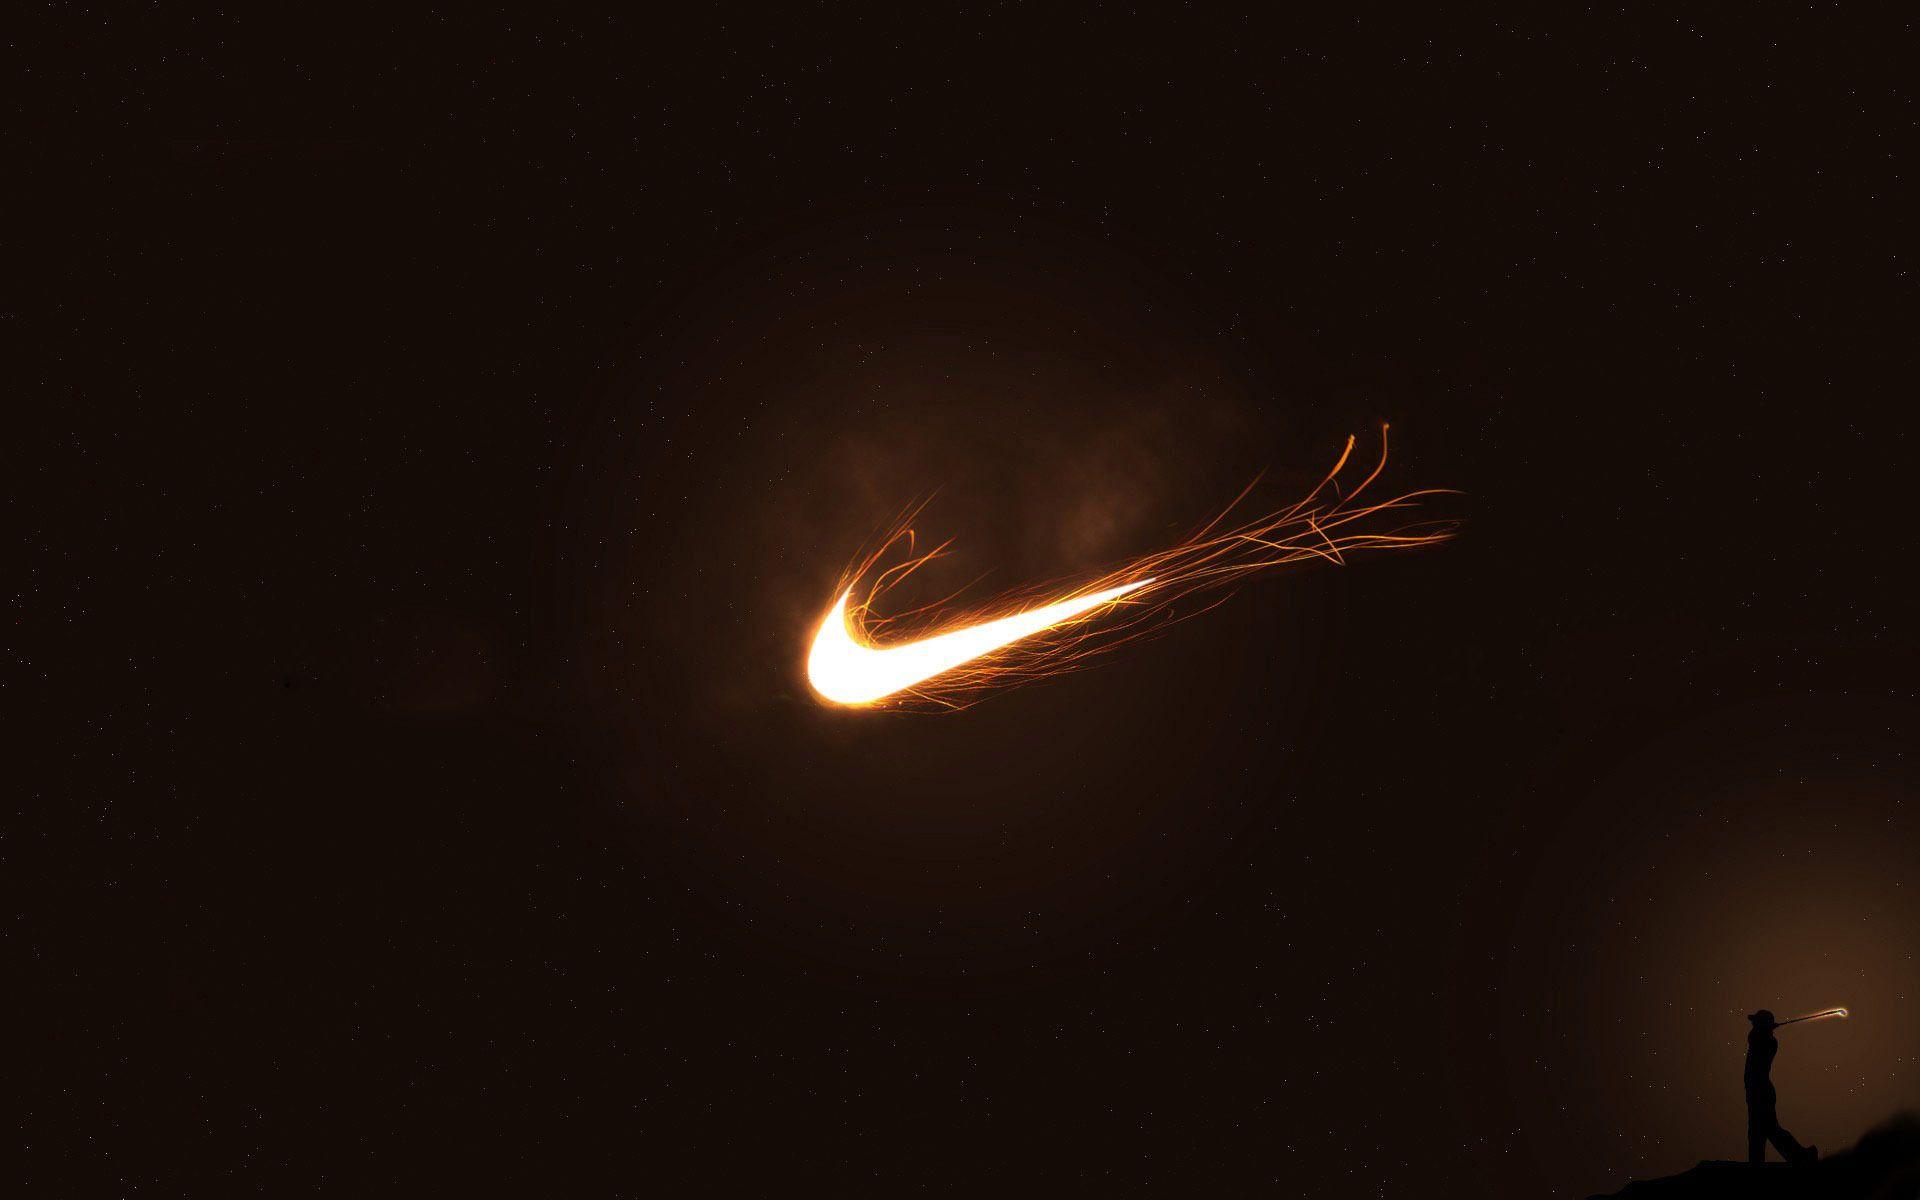 Nike logo wallpaper hd 2015 wallpapersafari for Home 2015 wallpaper hd